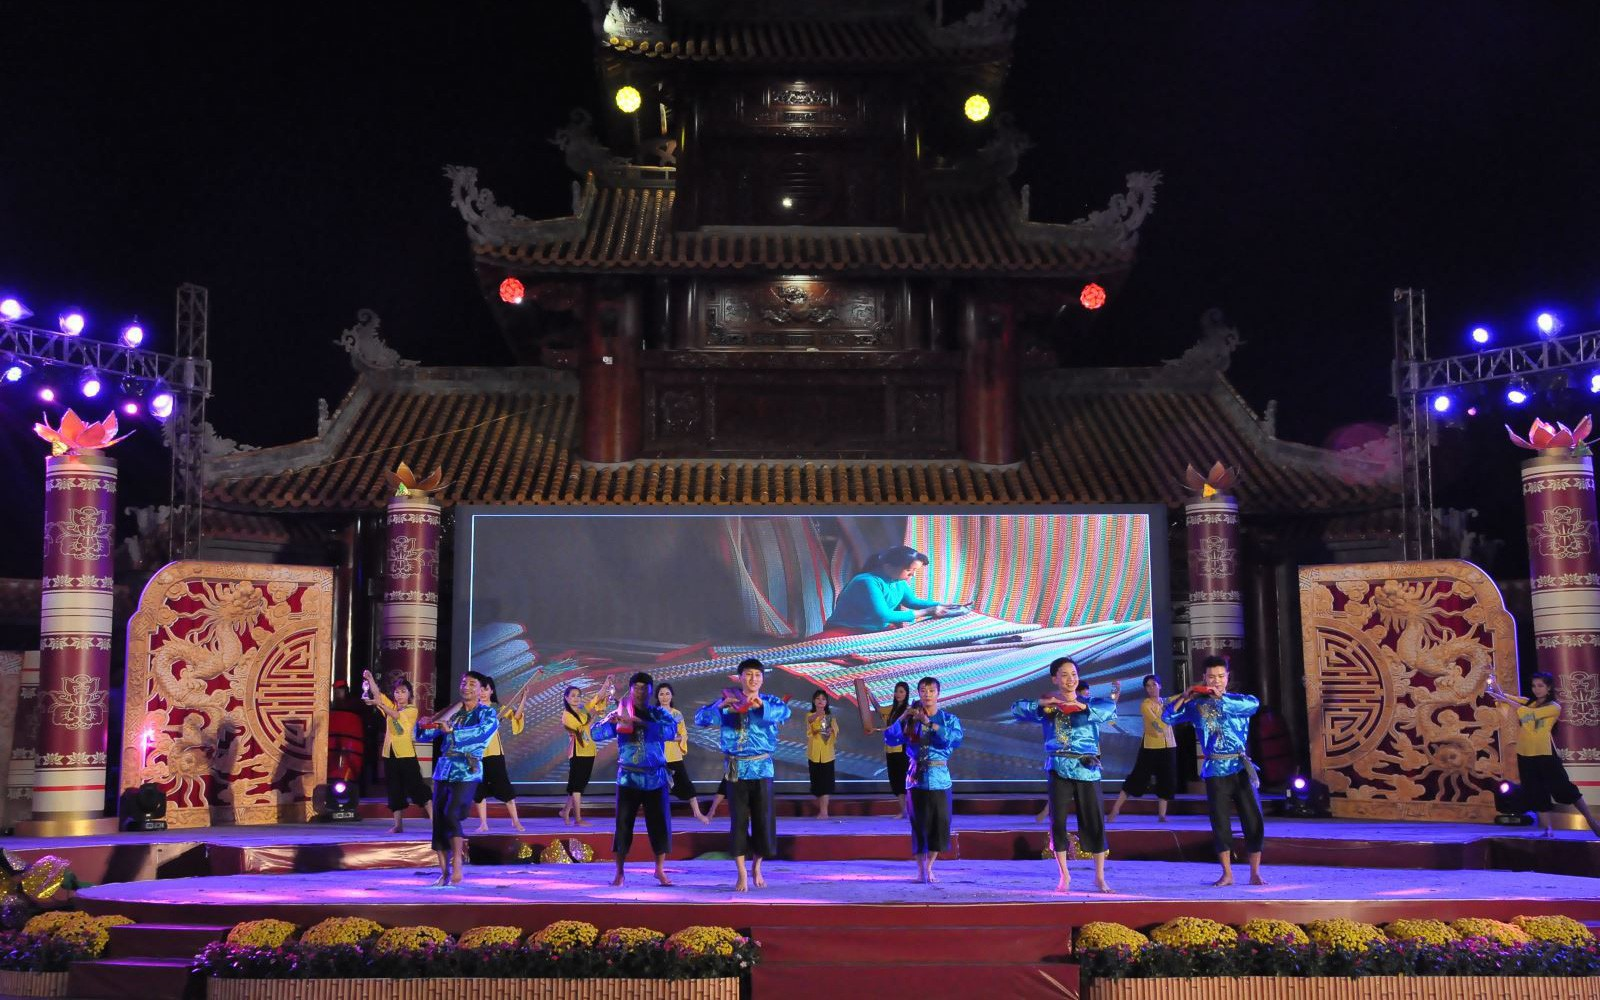 Đồng Tháp: Triển khai bảng điểm thi đua hoạt động văn hóa, gia đình, thể thao và du lịch năm 2019